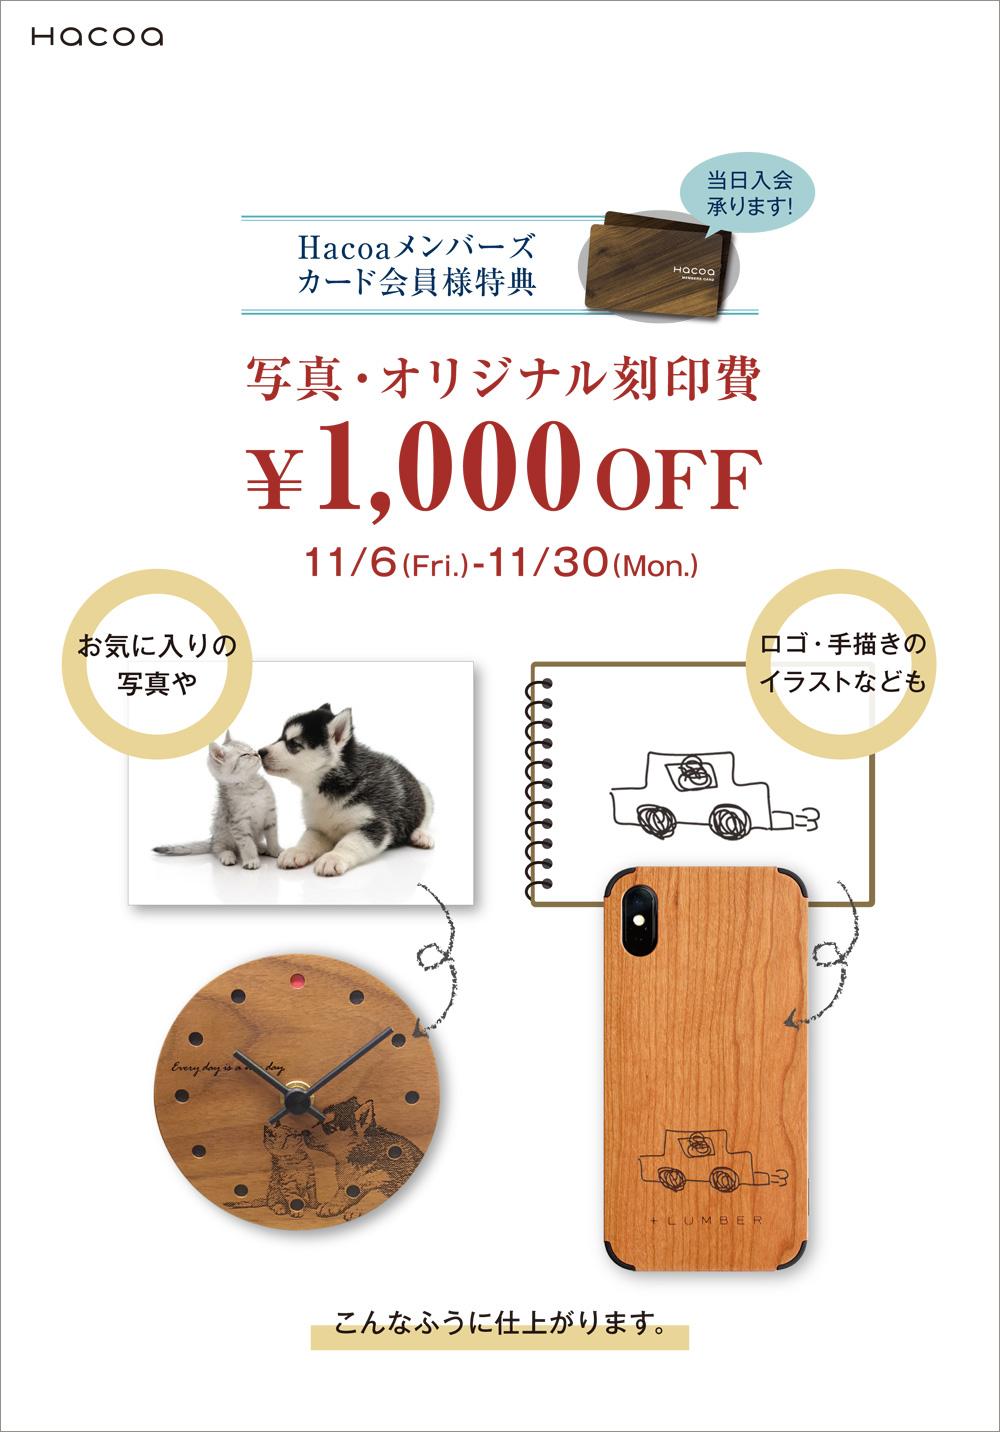 【なんば店・京都店】写真・オリジナル刻印費¥1,000 OFF<会員限定>